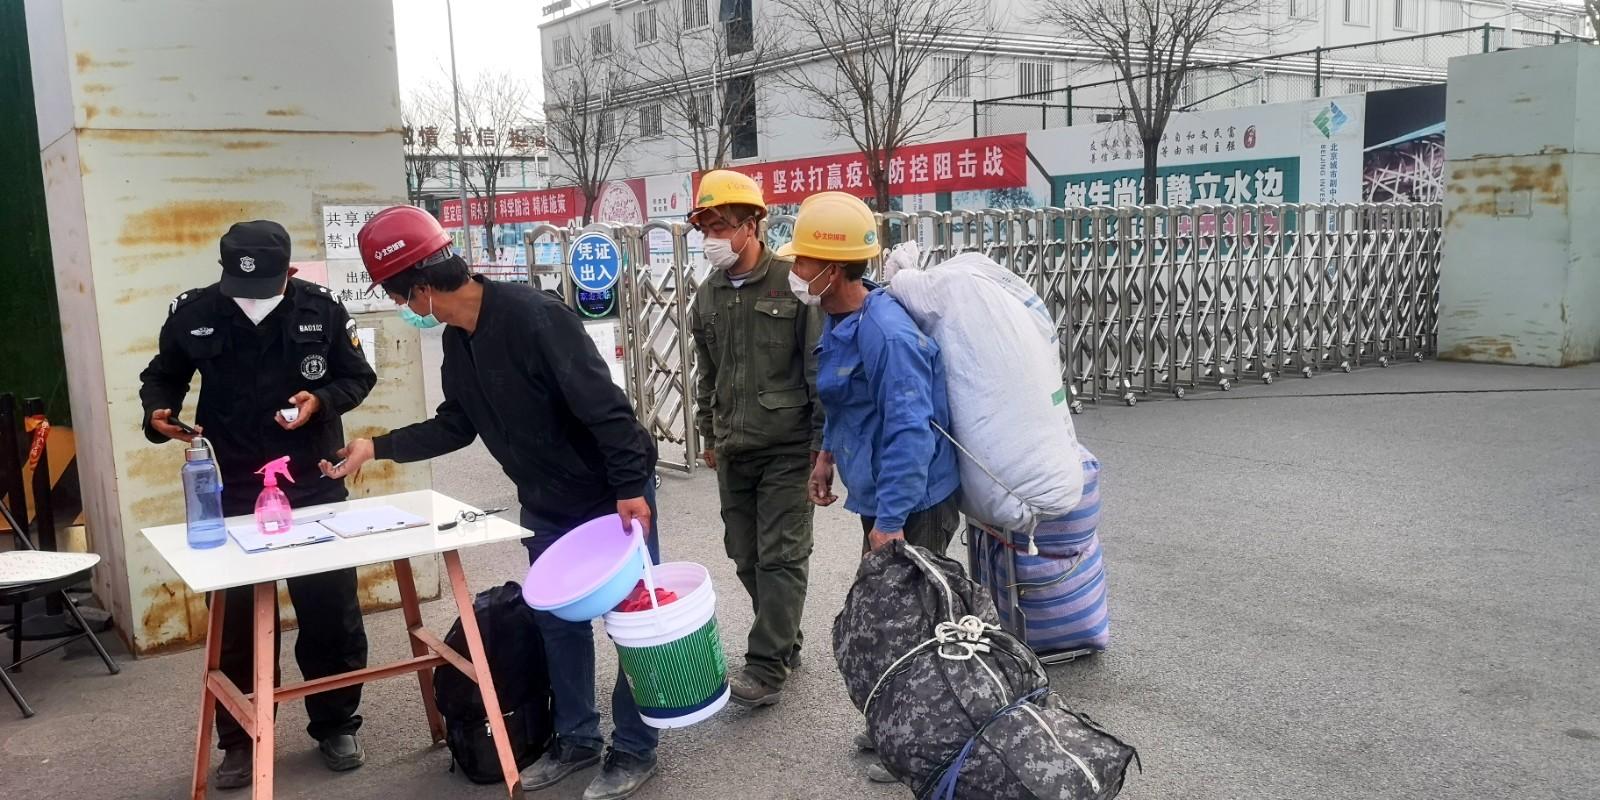 10北京冬奥村的建设者.jpg